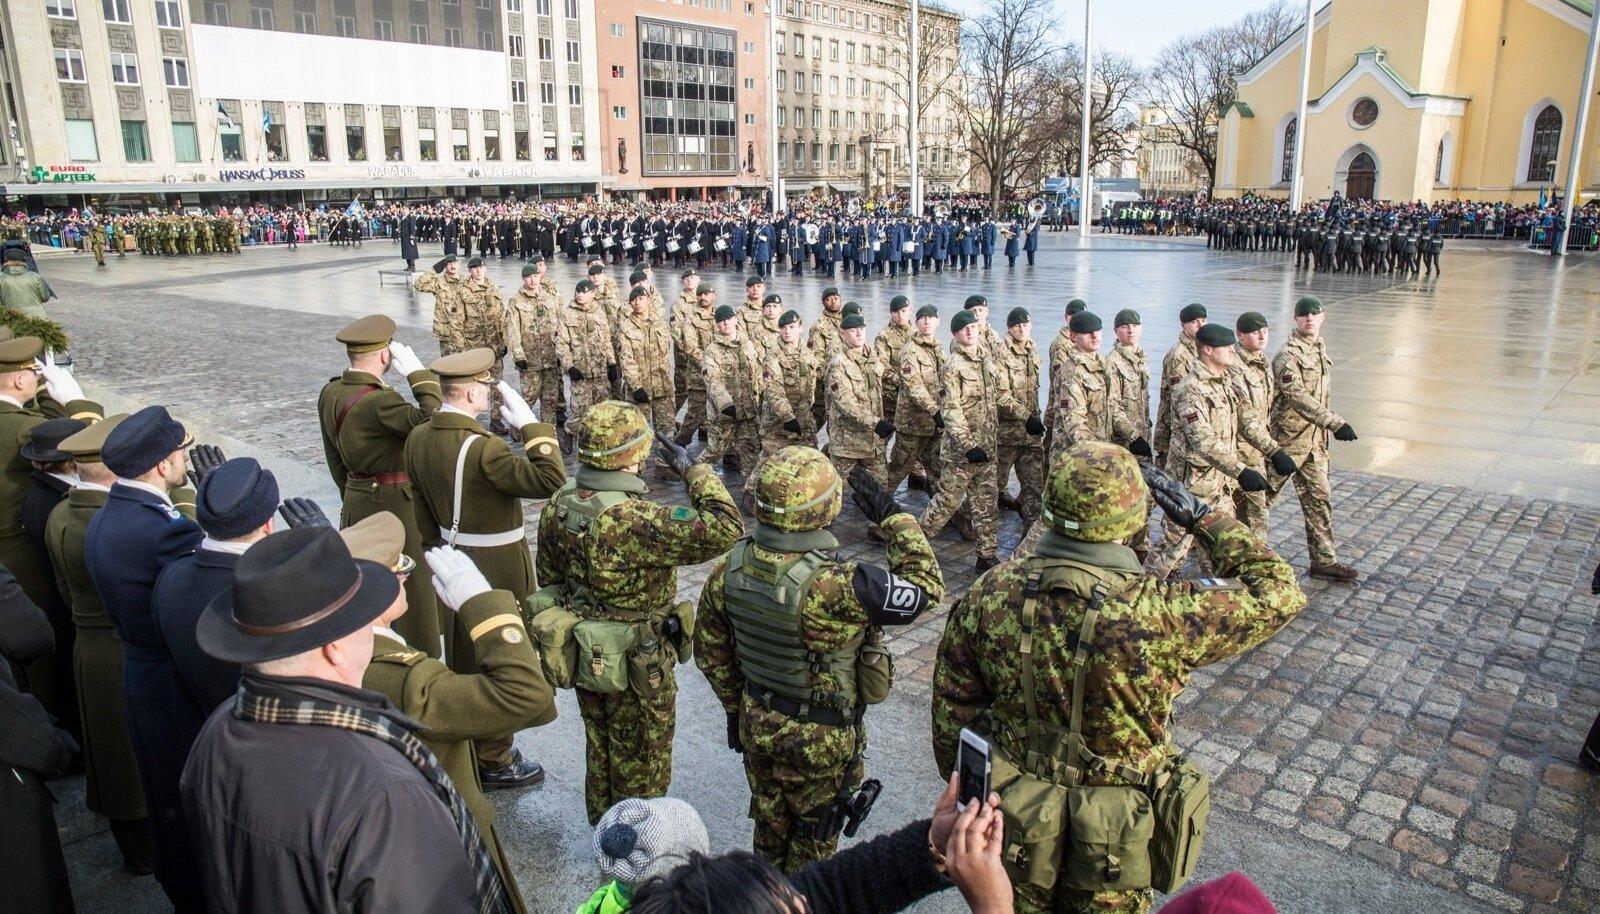 EV99 Briti sõdurid